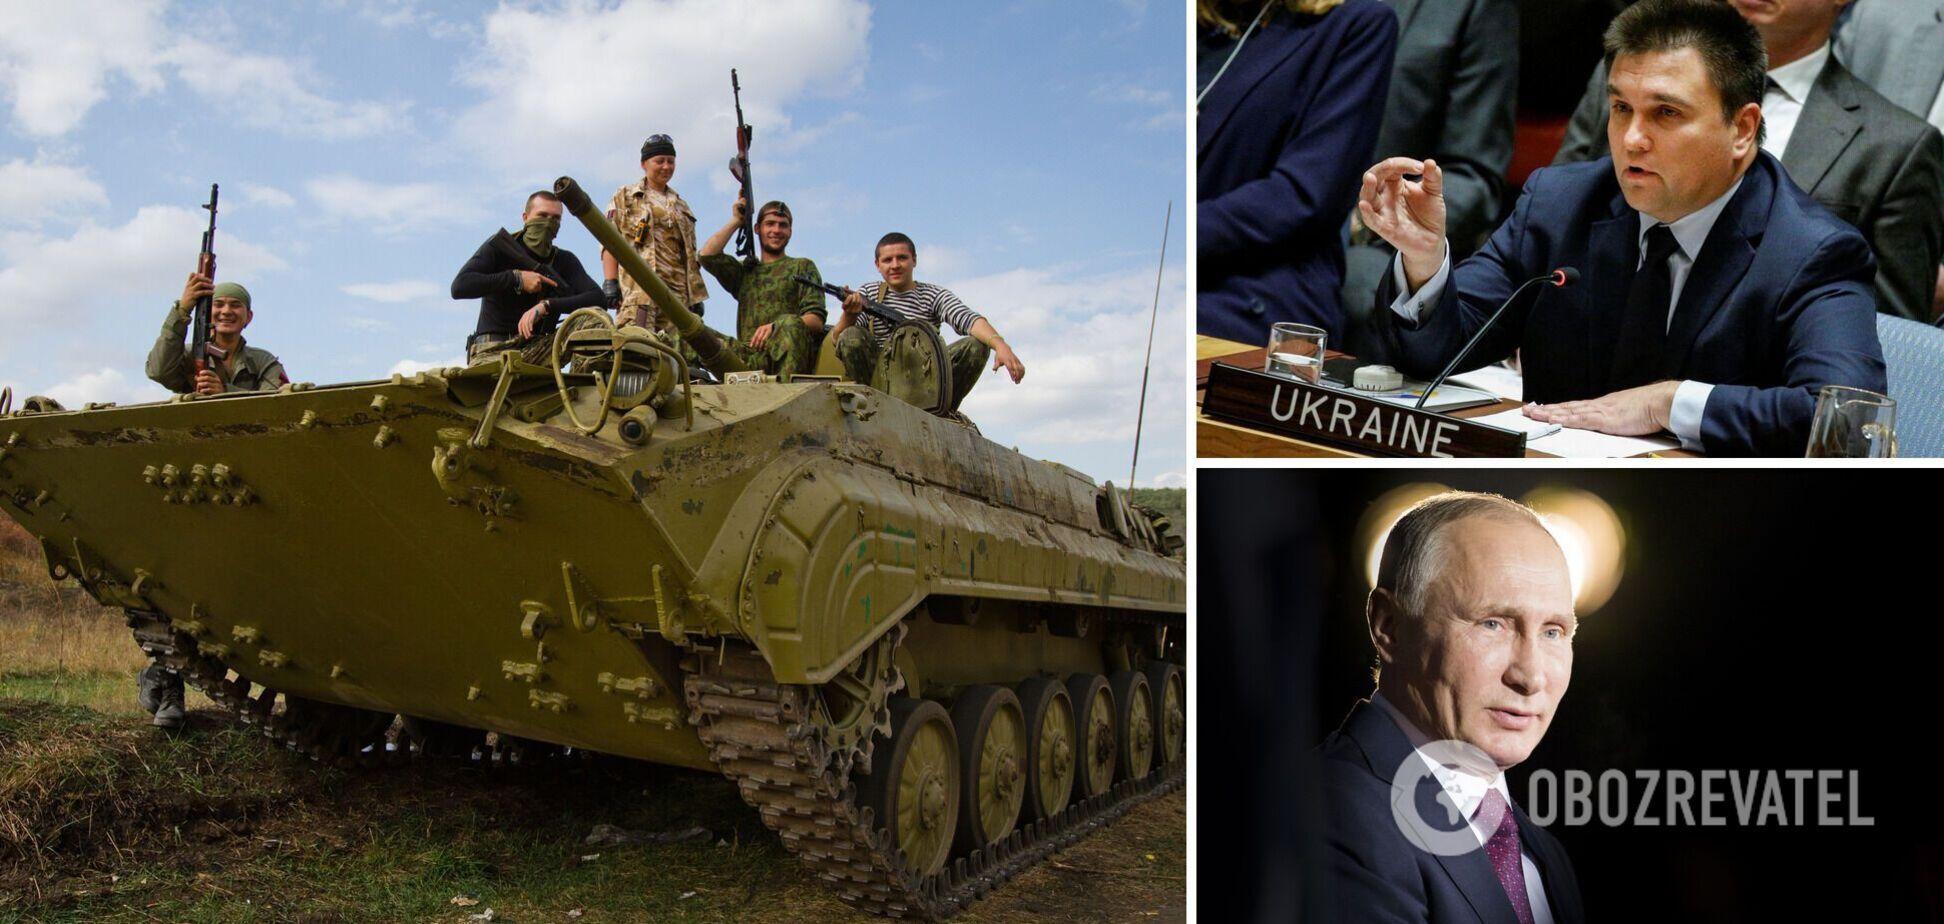 Климкин: Путин хочет отсечь Украину от Черного моря и будет жестко торговаться с Байденом